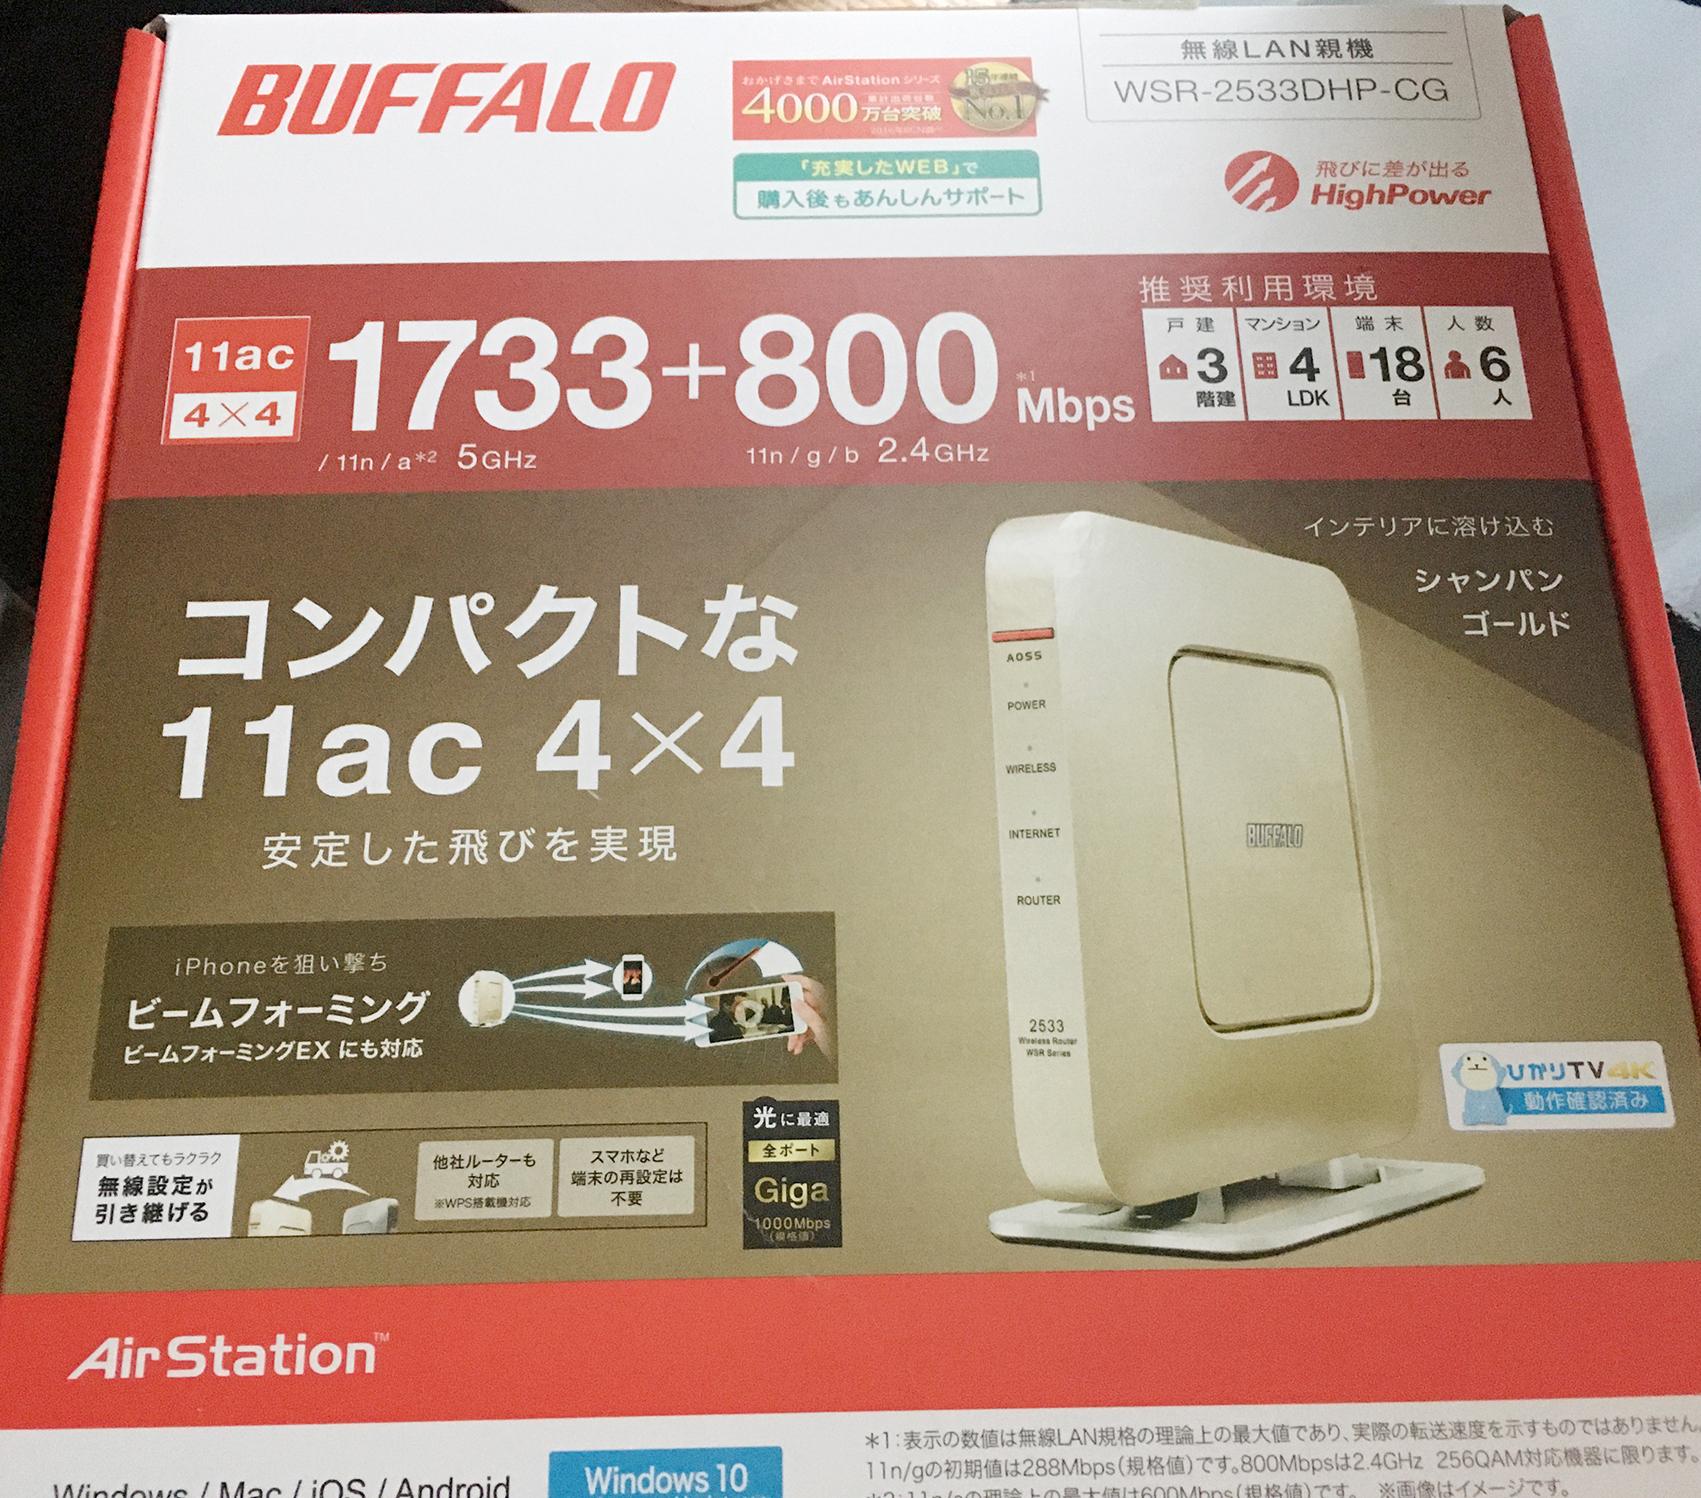 Buffaloの無線LAN スマホがWi-Fiに繋がらない時の対処法